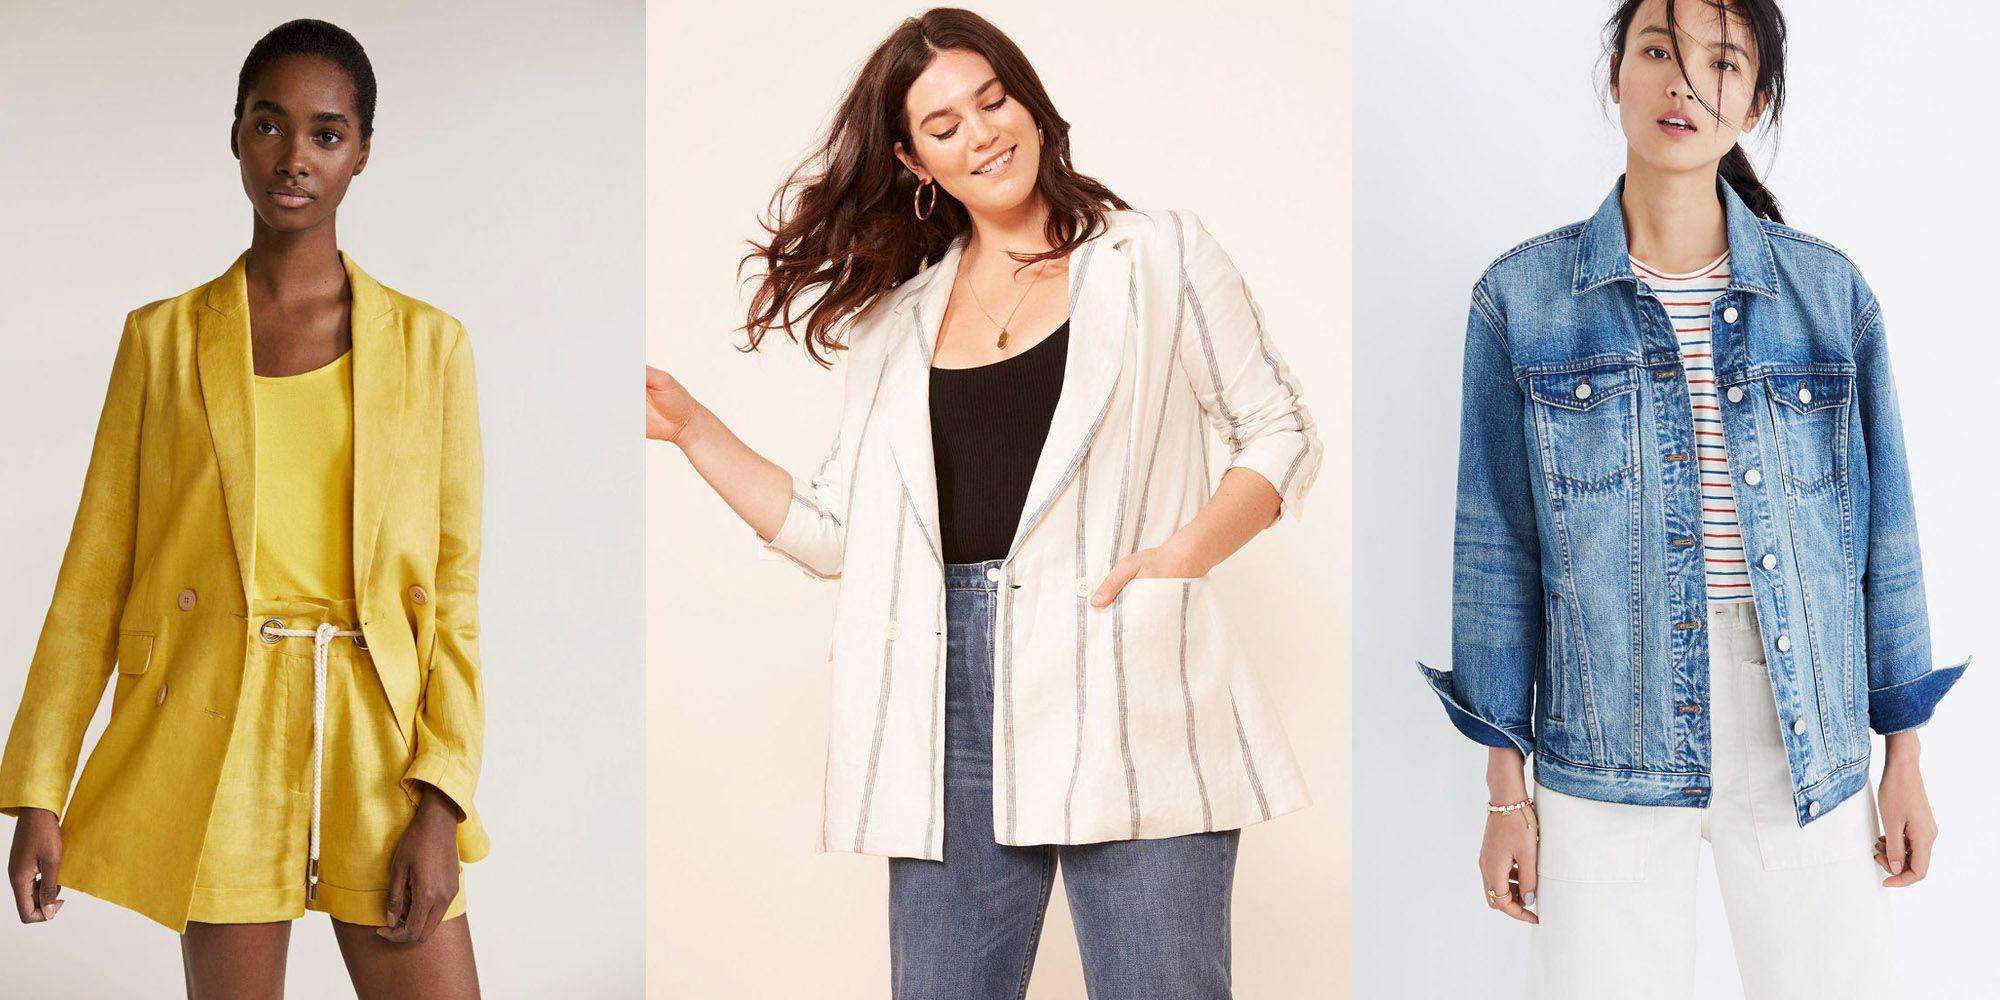 659f6608e450 17 Best Jackets to Wear During Summer – Lightweight Jackets Summer 2018